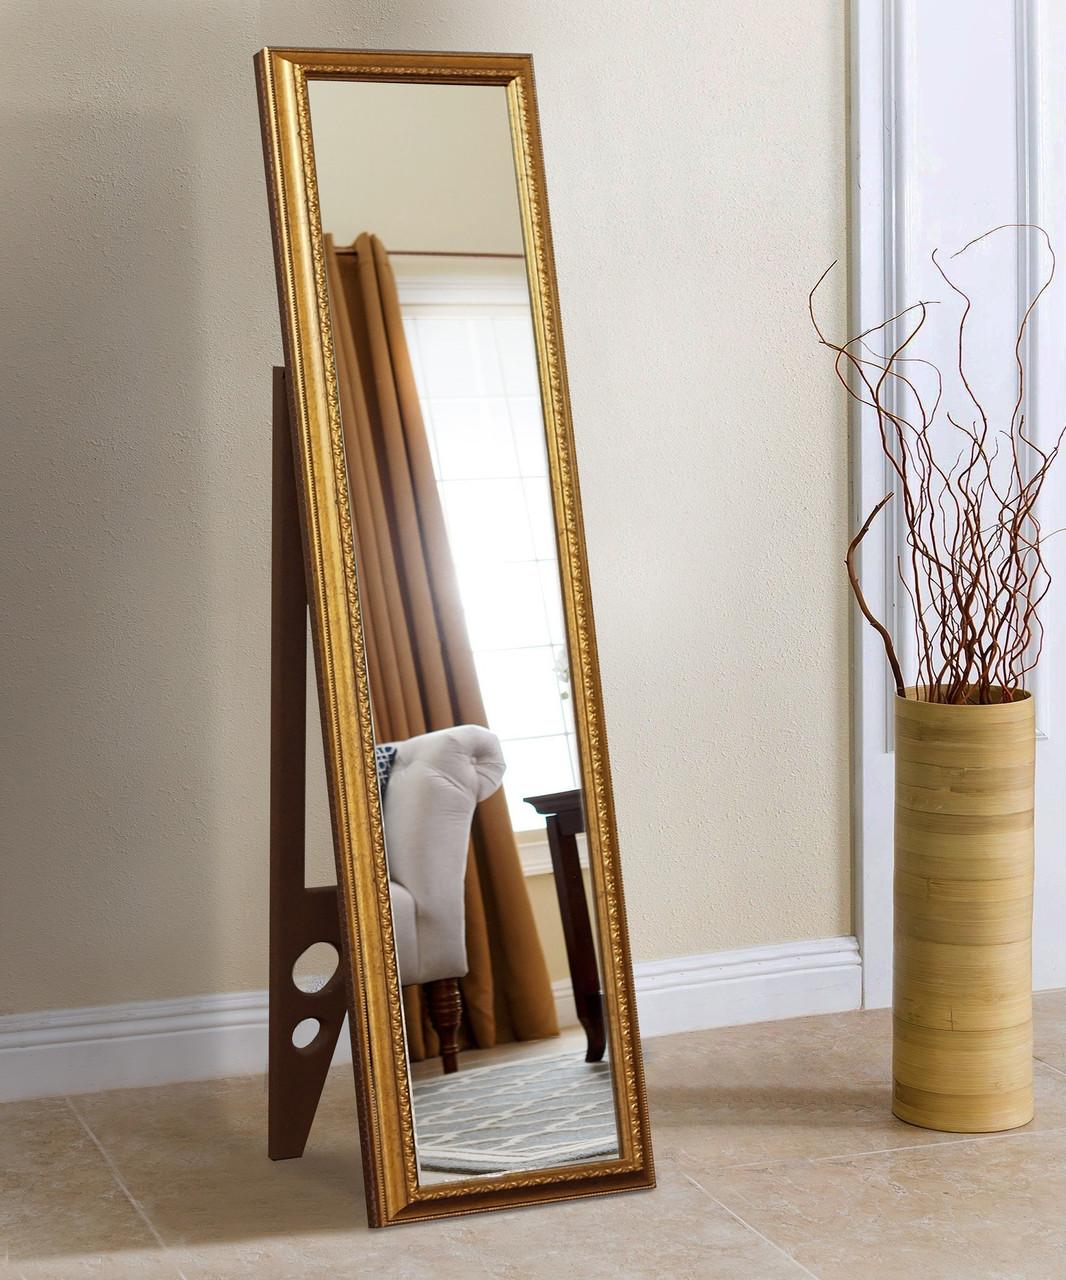 Підлогове дзеркало в золотій рамі 1650х400 мм